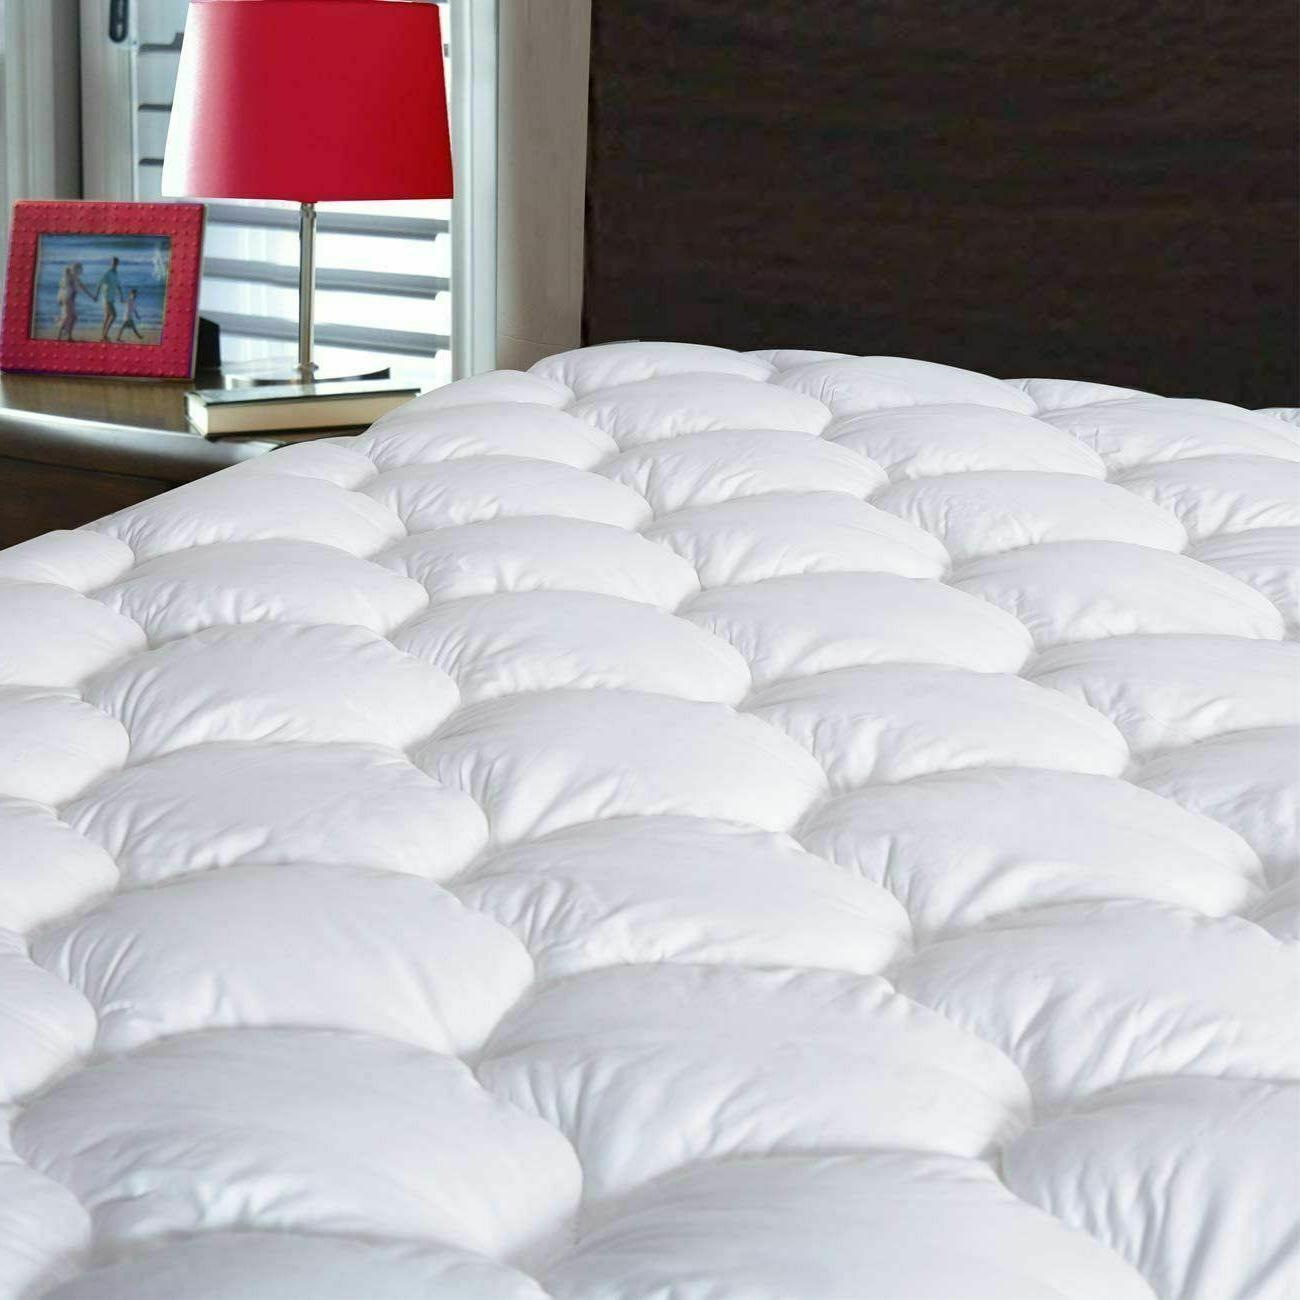 Pillow Top Mattress Topper Queen Size Bed C